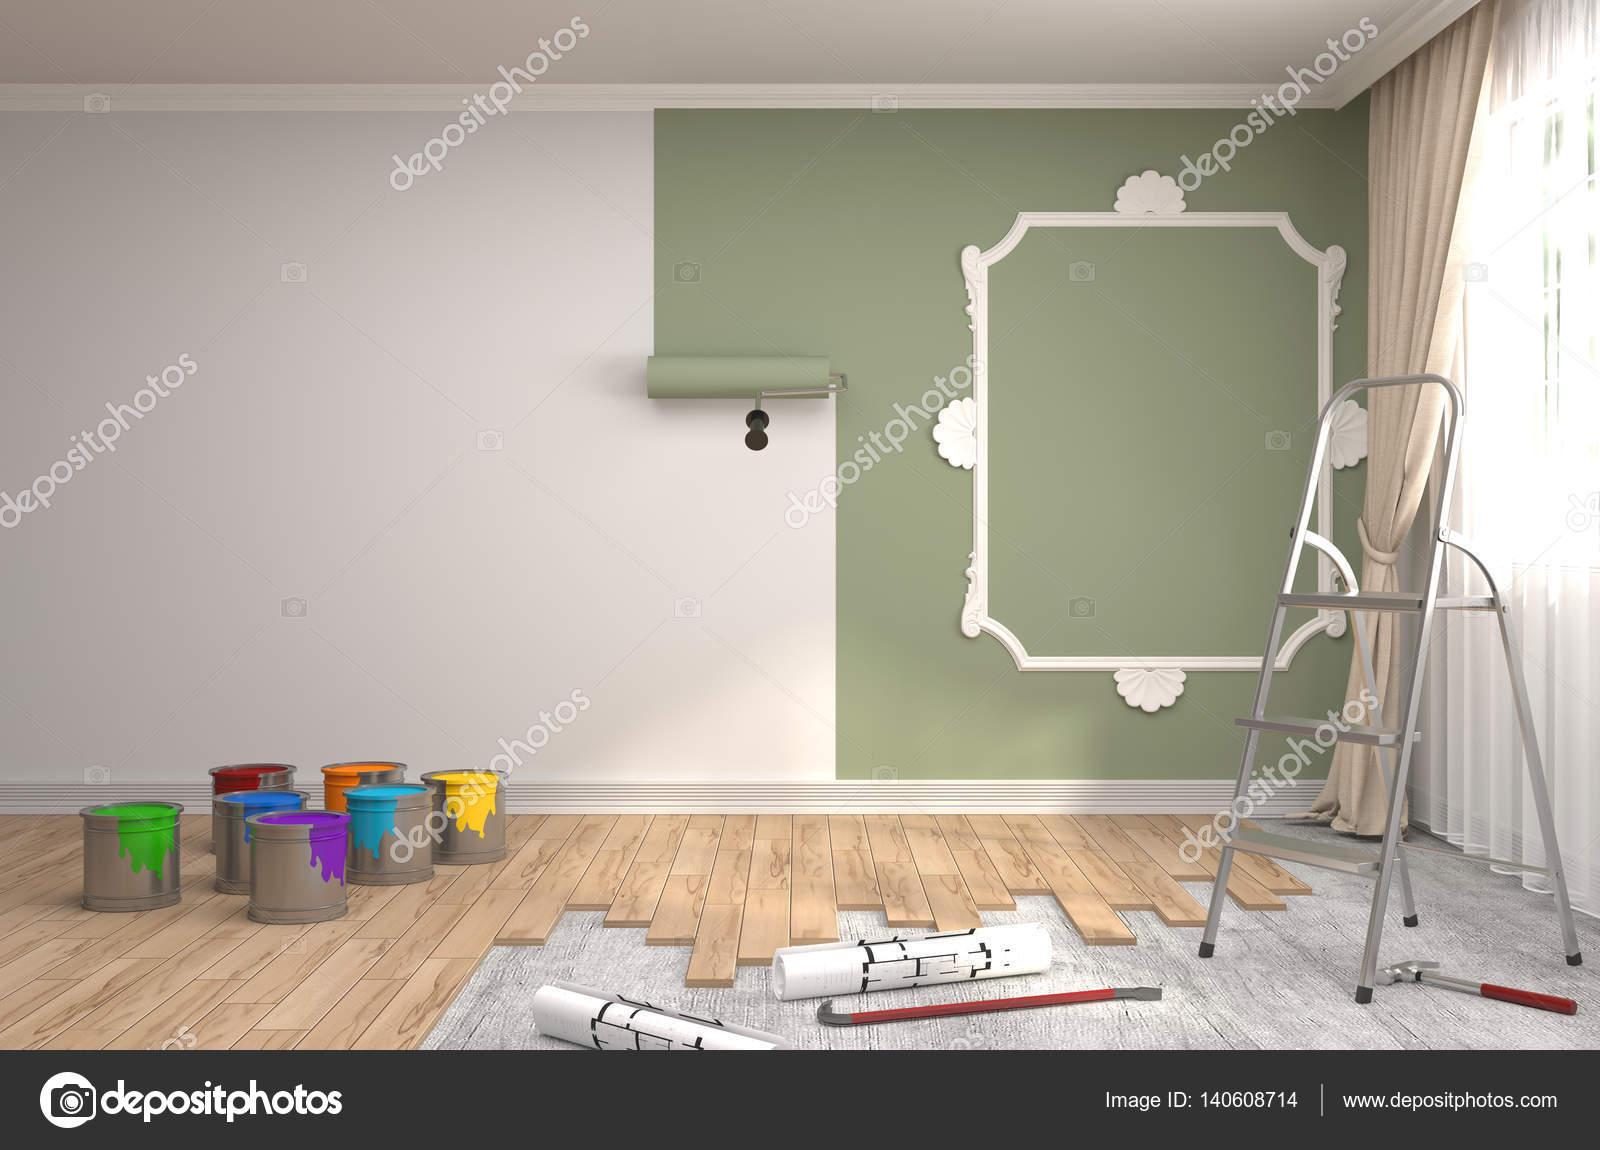 Vasca Da Bagno Verniciatura : Riparazione e verniciatura delle pareti in camera